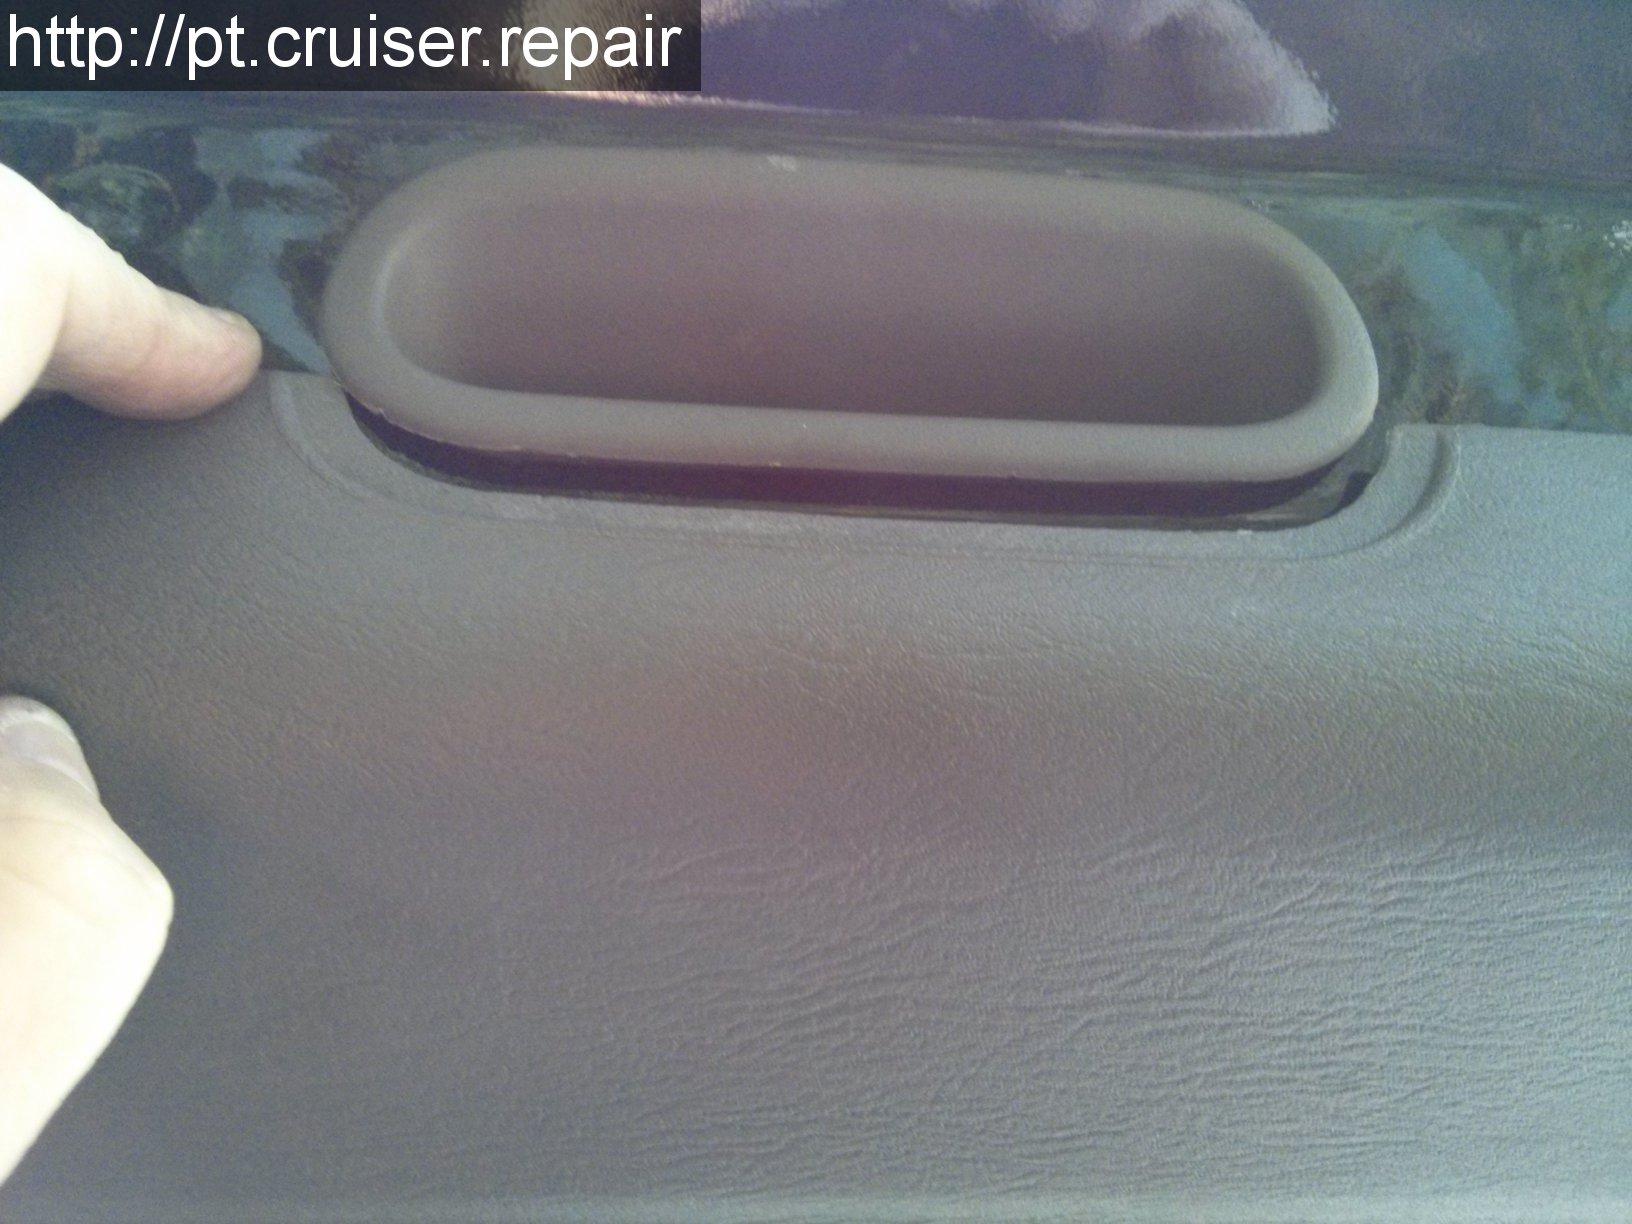 remplacer le moteur d 39 essuie glaces arri re pt cruiser repair. Black Bedroom Furniture Sets. Home Design Ideas